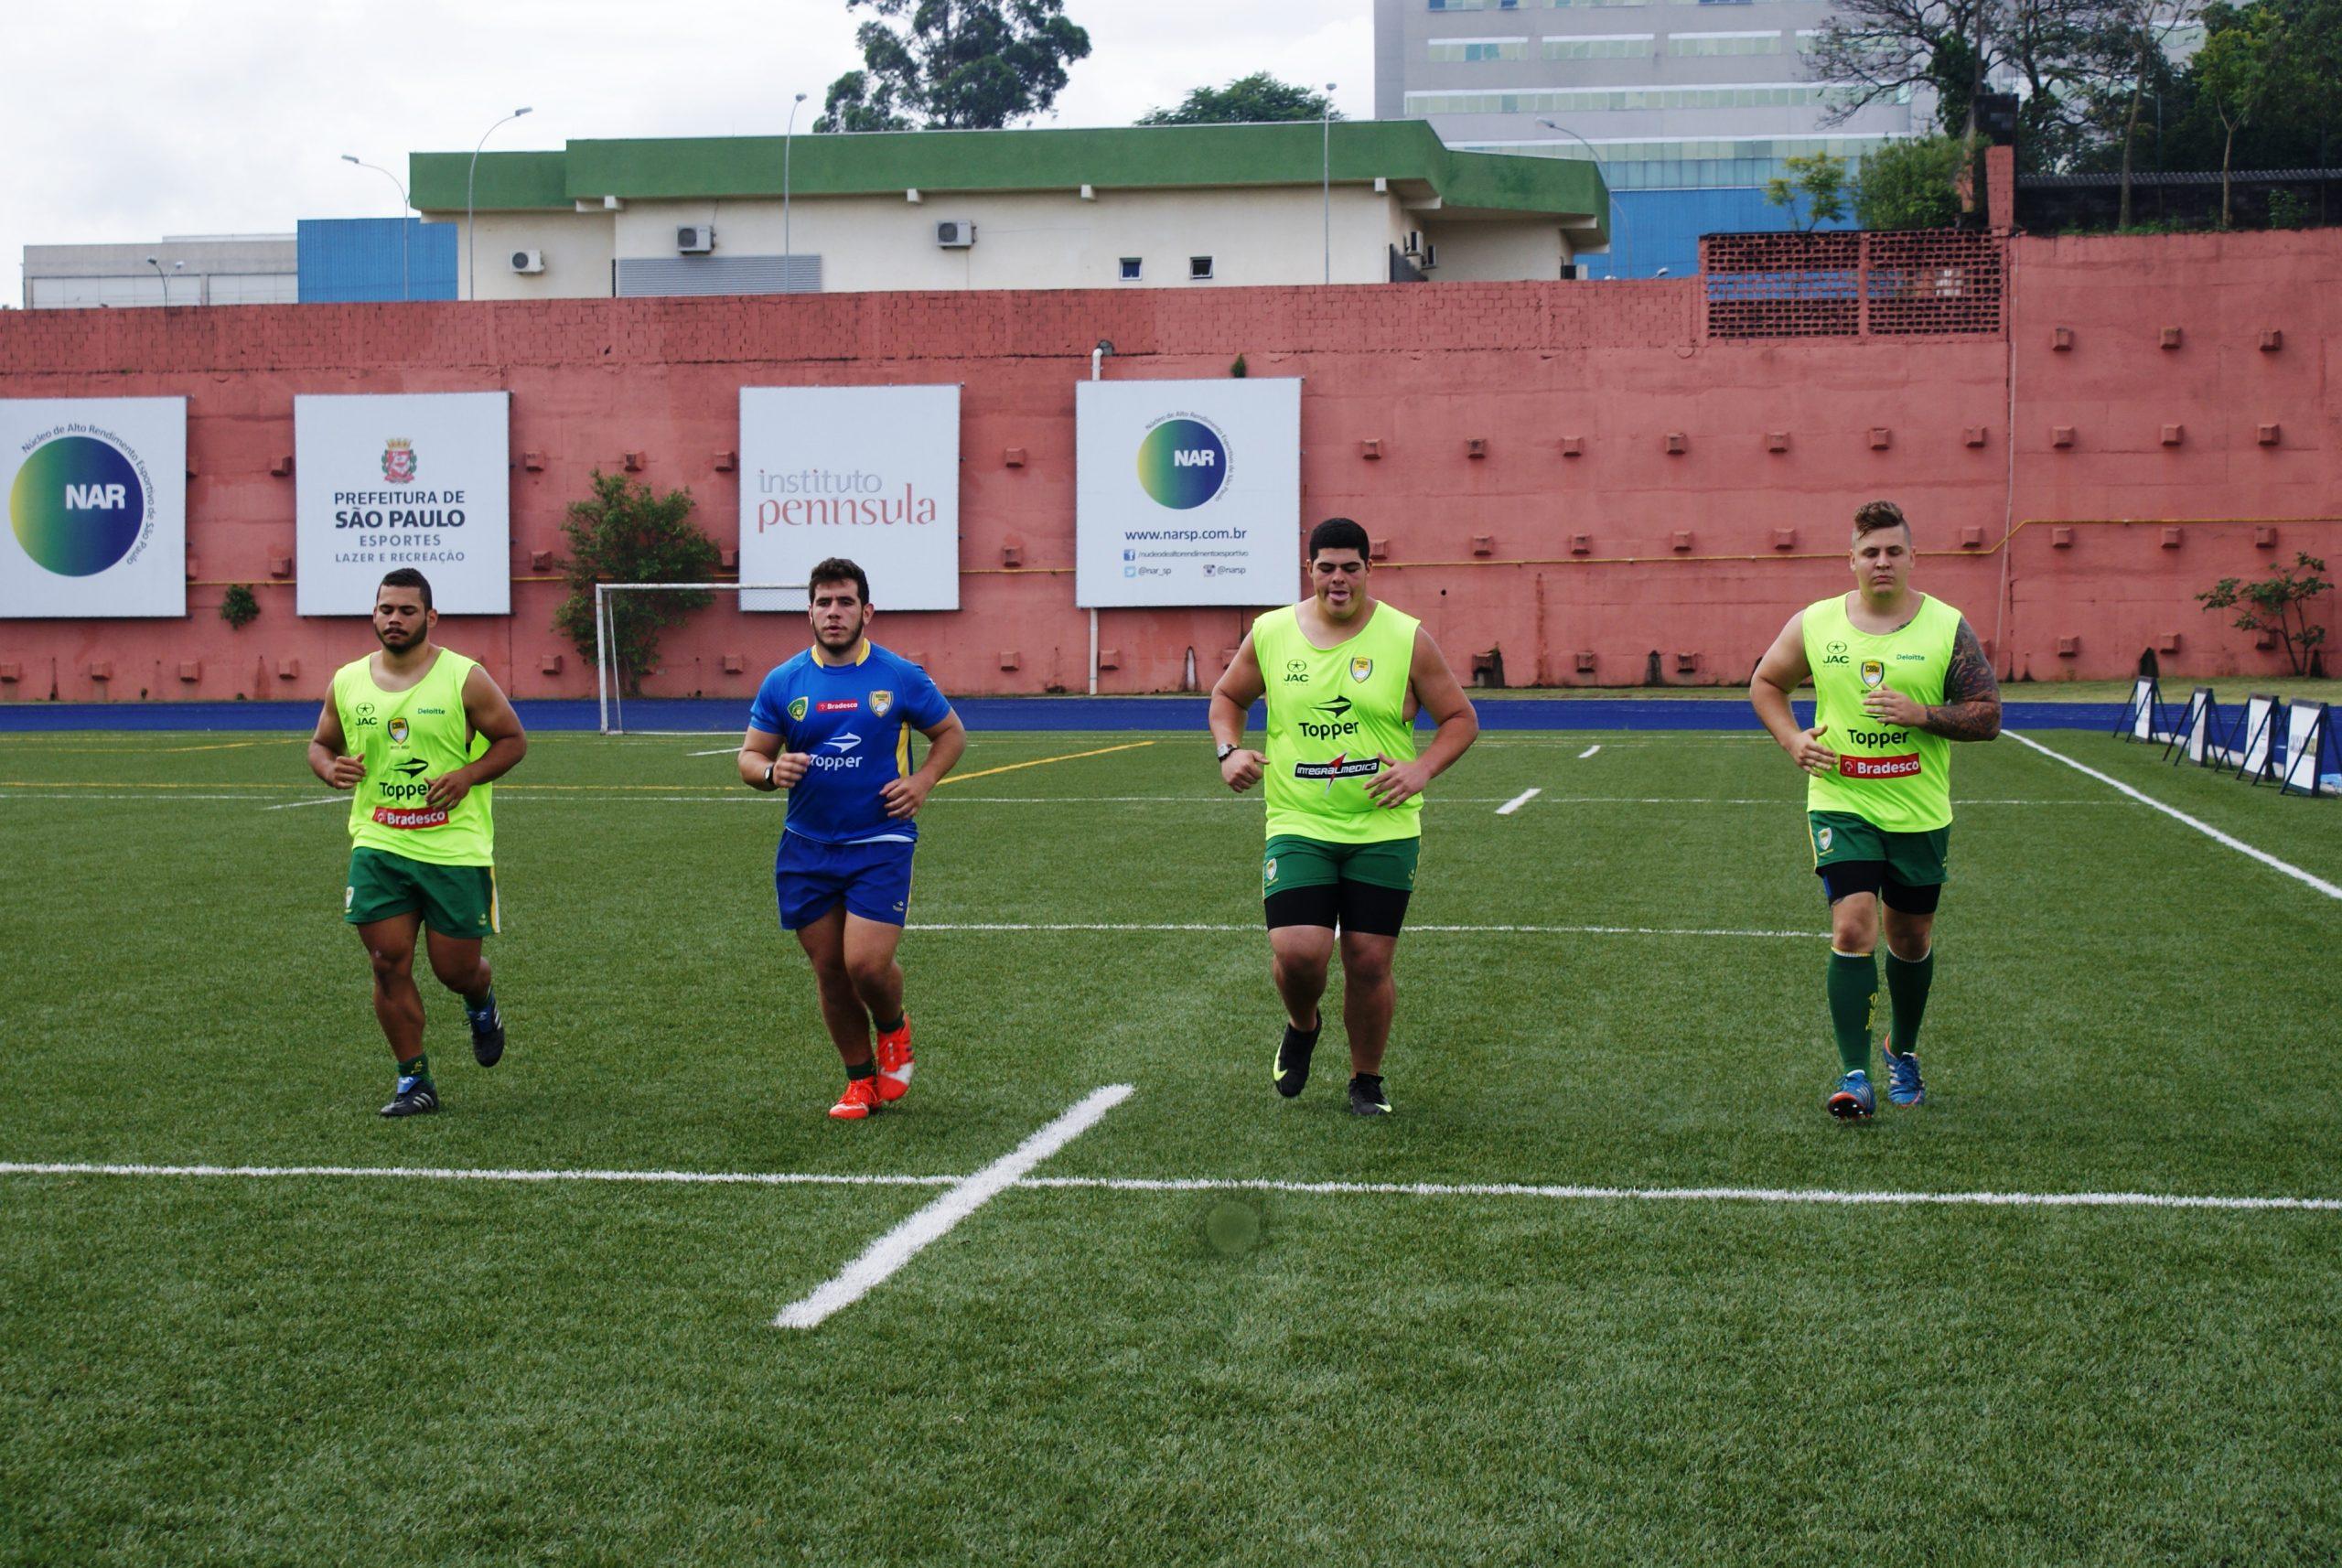 Seleção de rugby faz camp no NAR